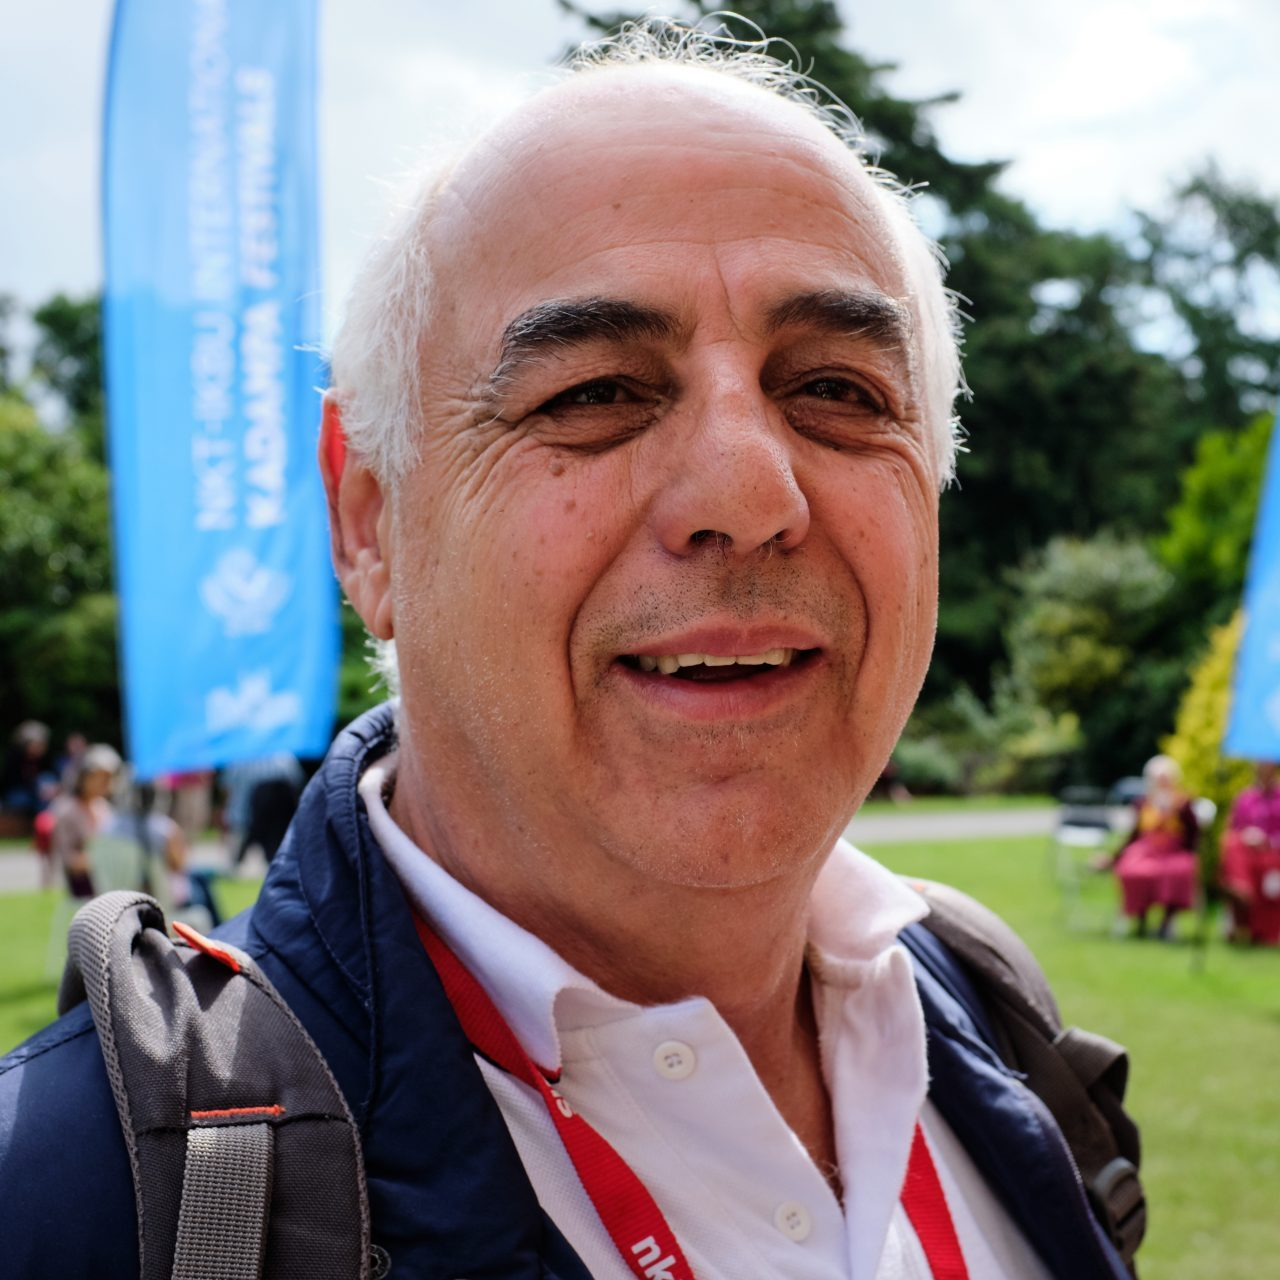 ROB18364_interviews_FernandoSantiagoArgentina